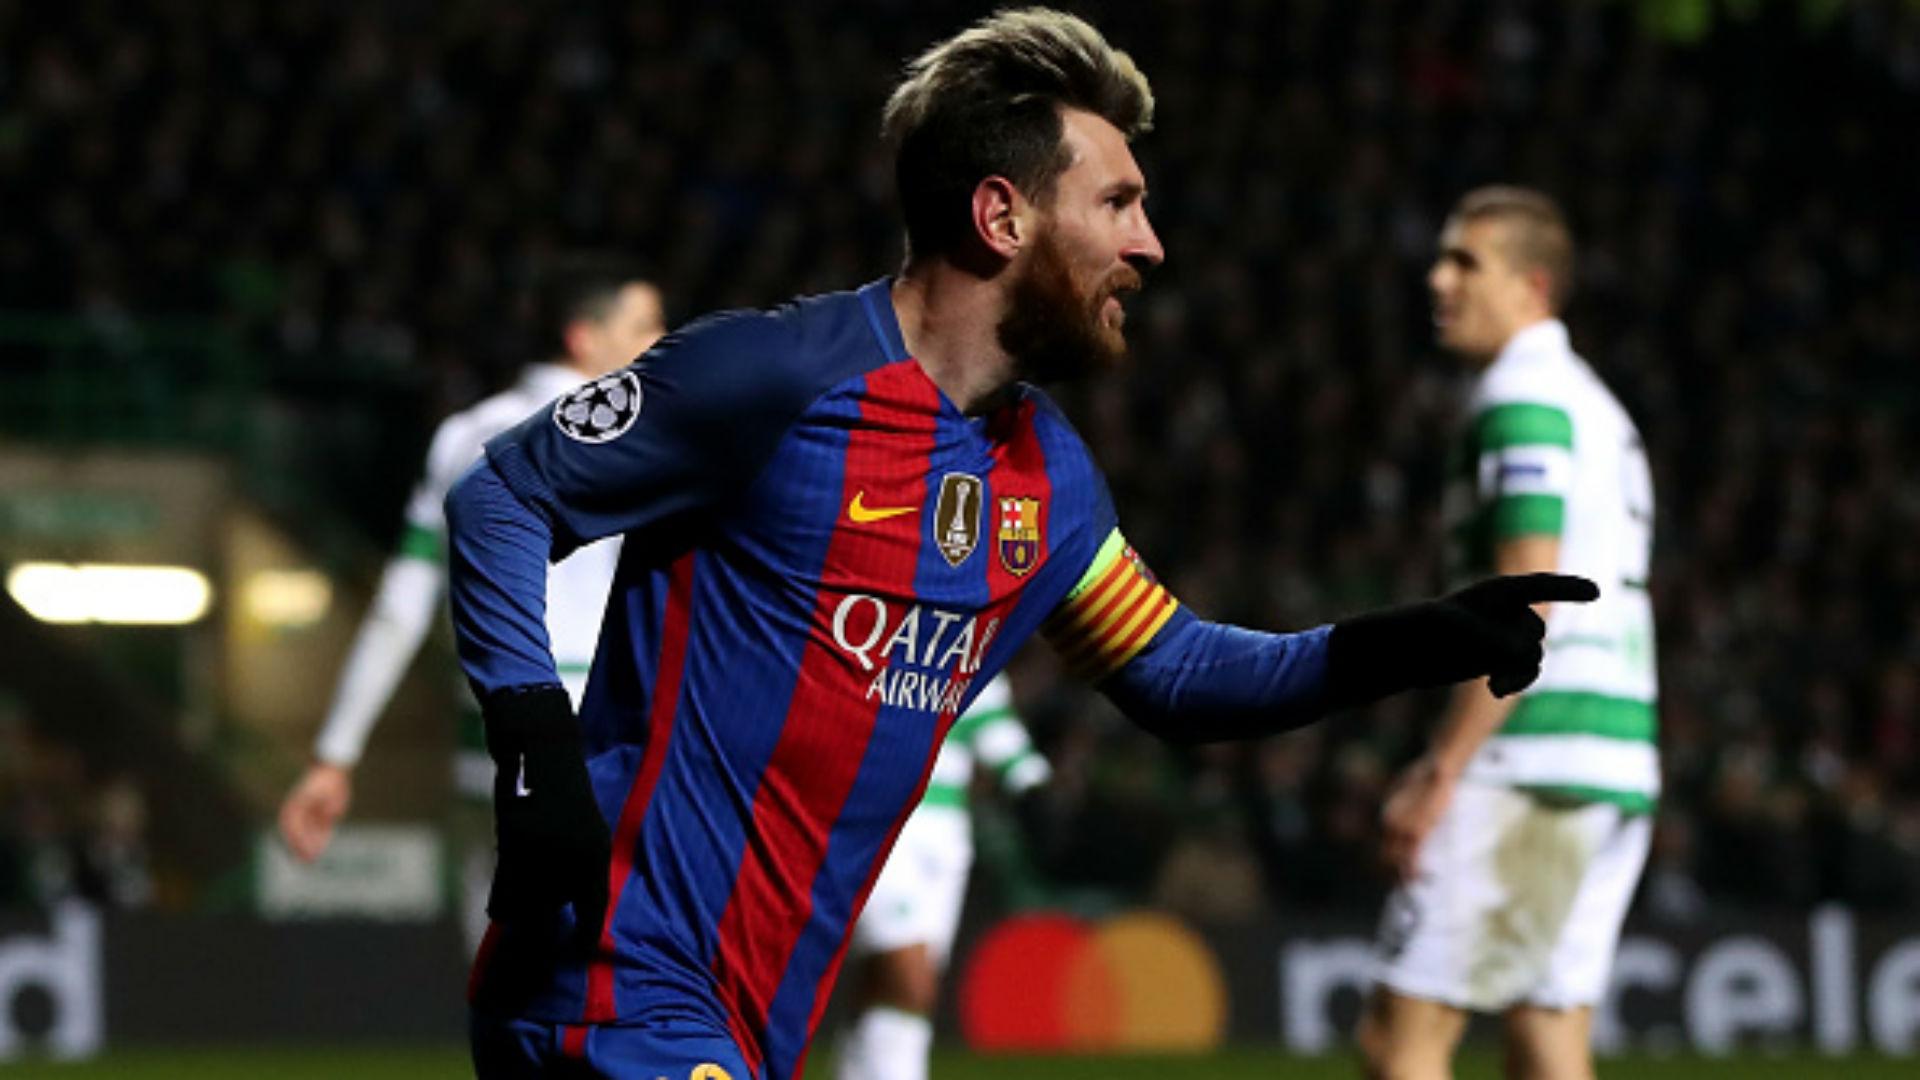 Celtic Barcelona Champions League Fase de Grupos 2016/2017 Lionel Messi